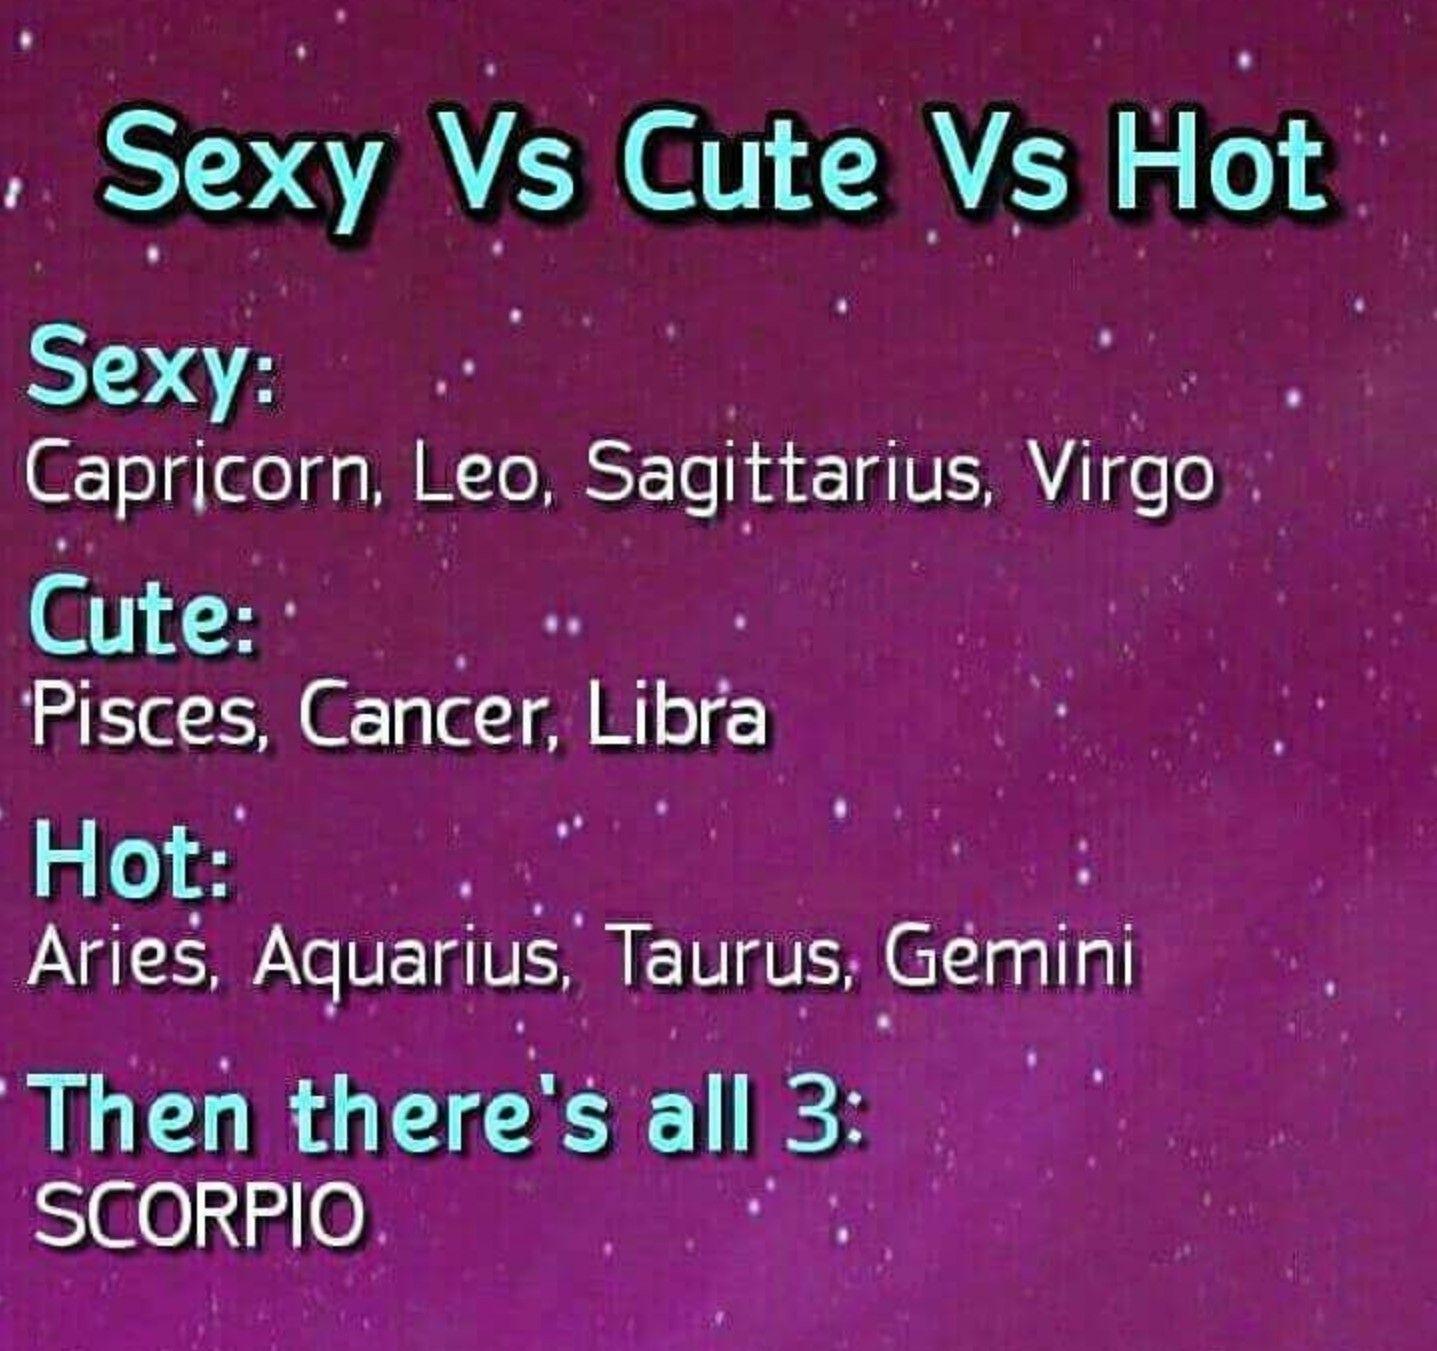 Scorpio and Aquarius